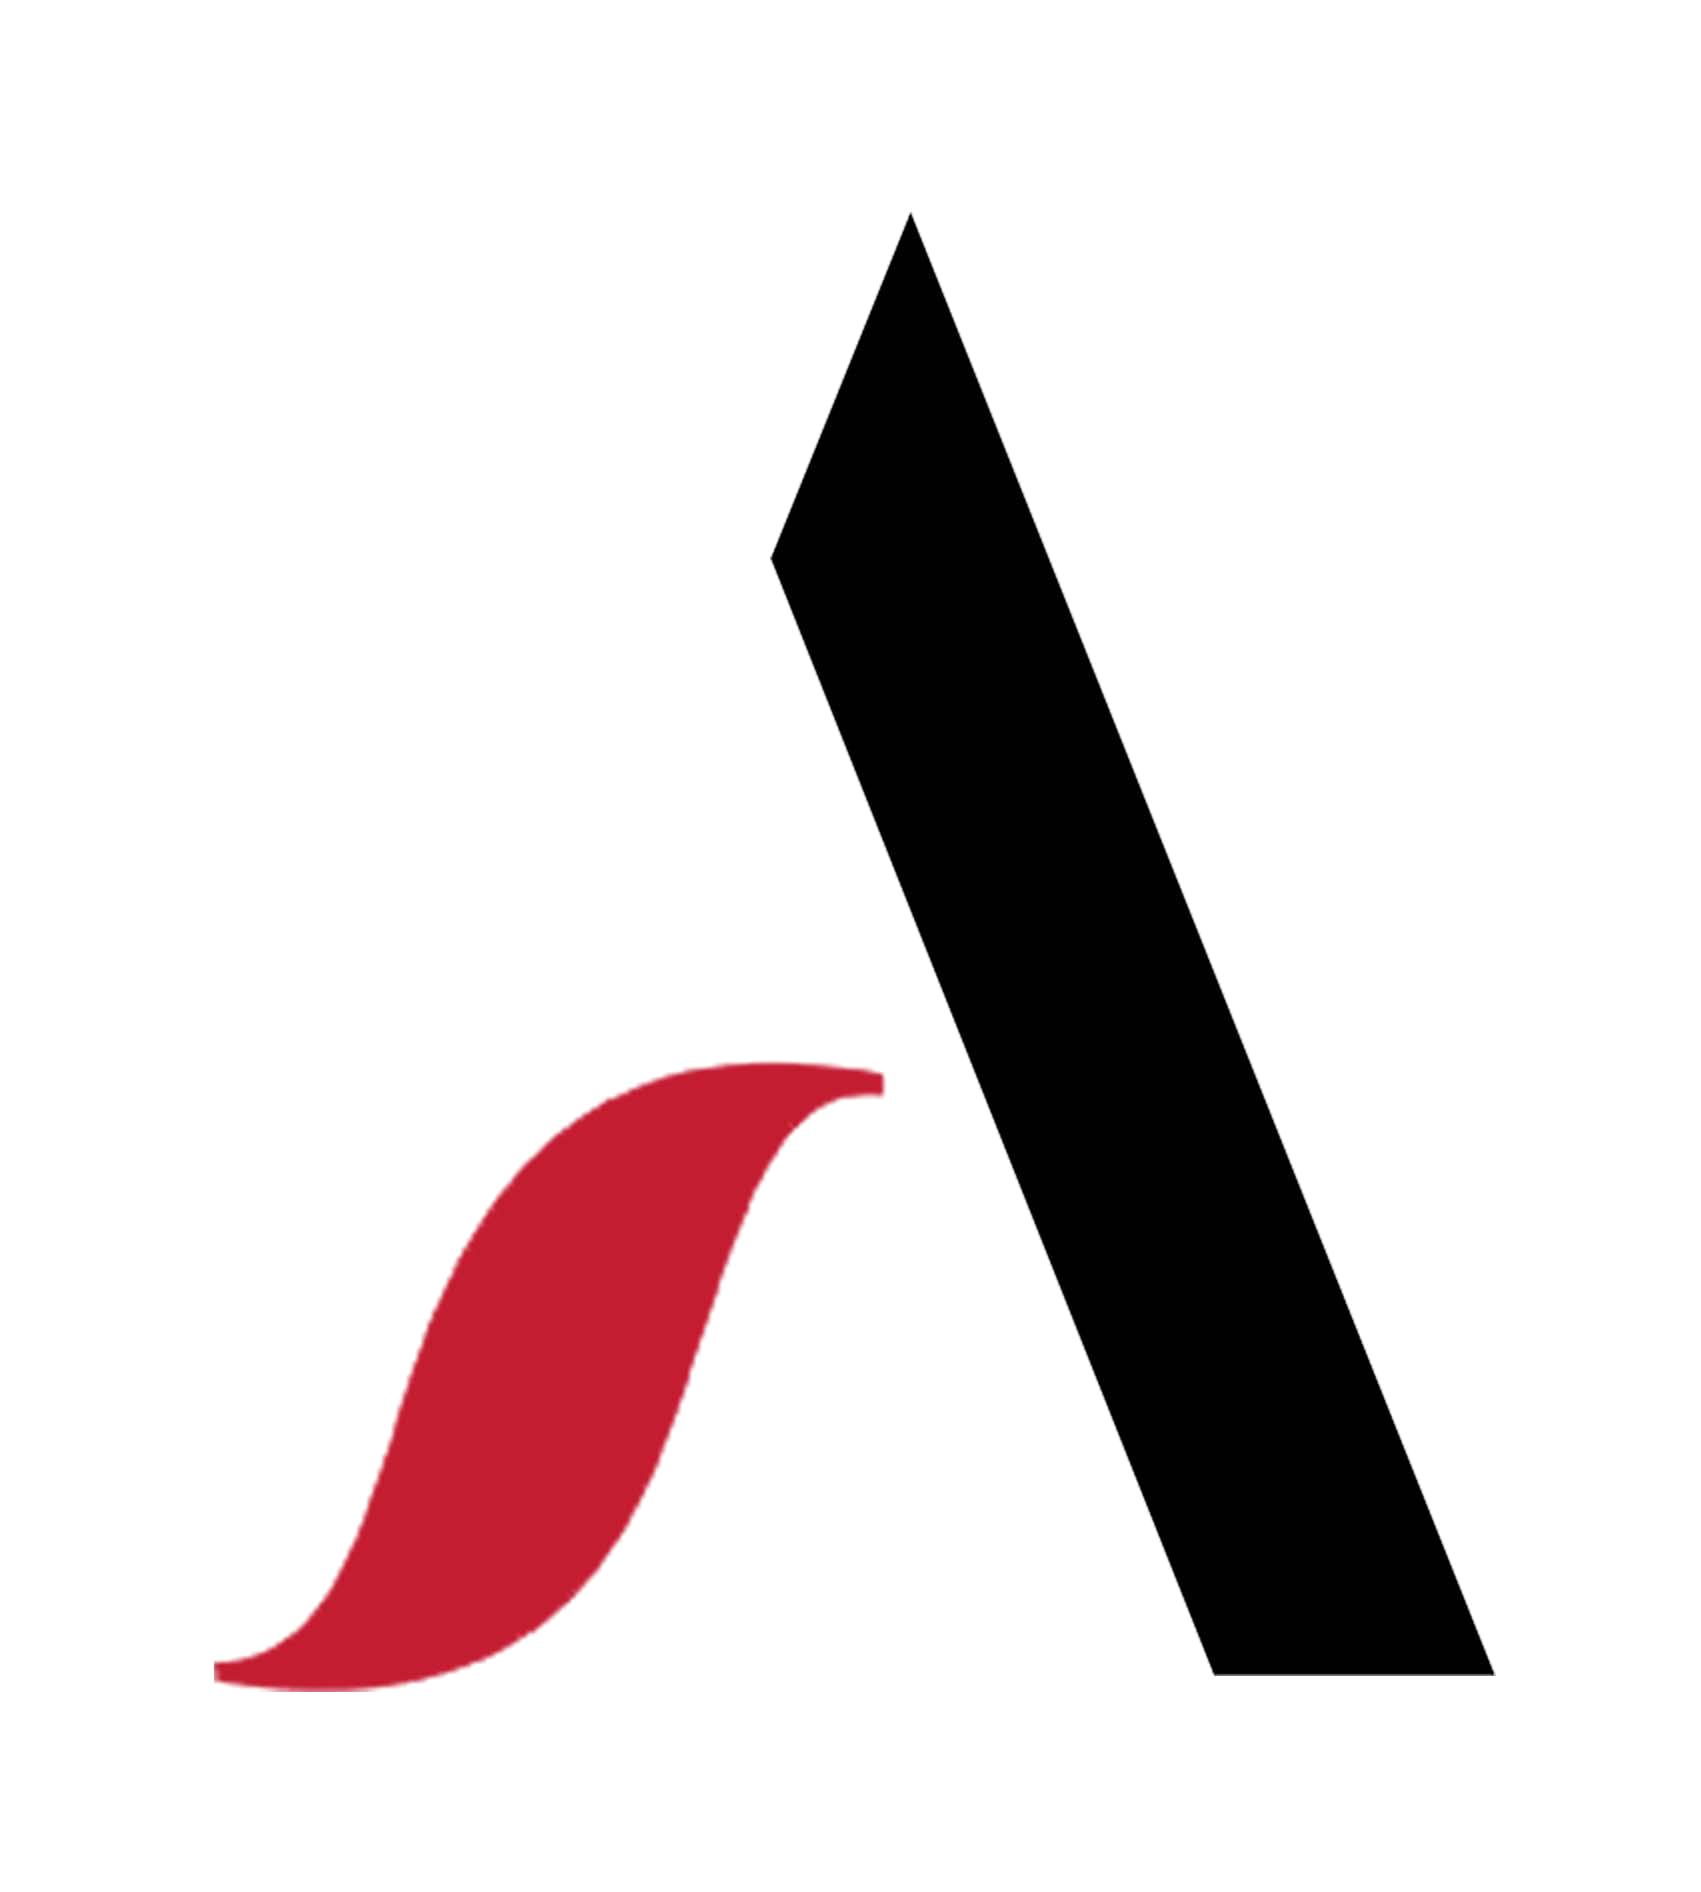 ARASAF_logo_grupo_industrial_clima.png